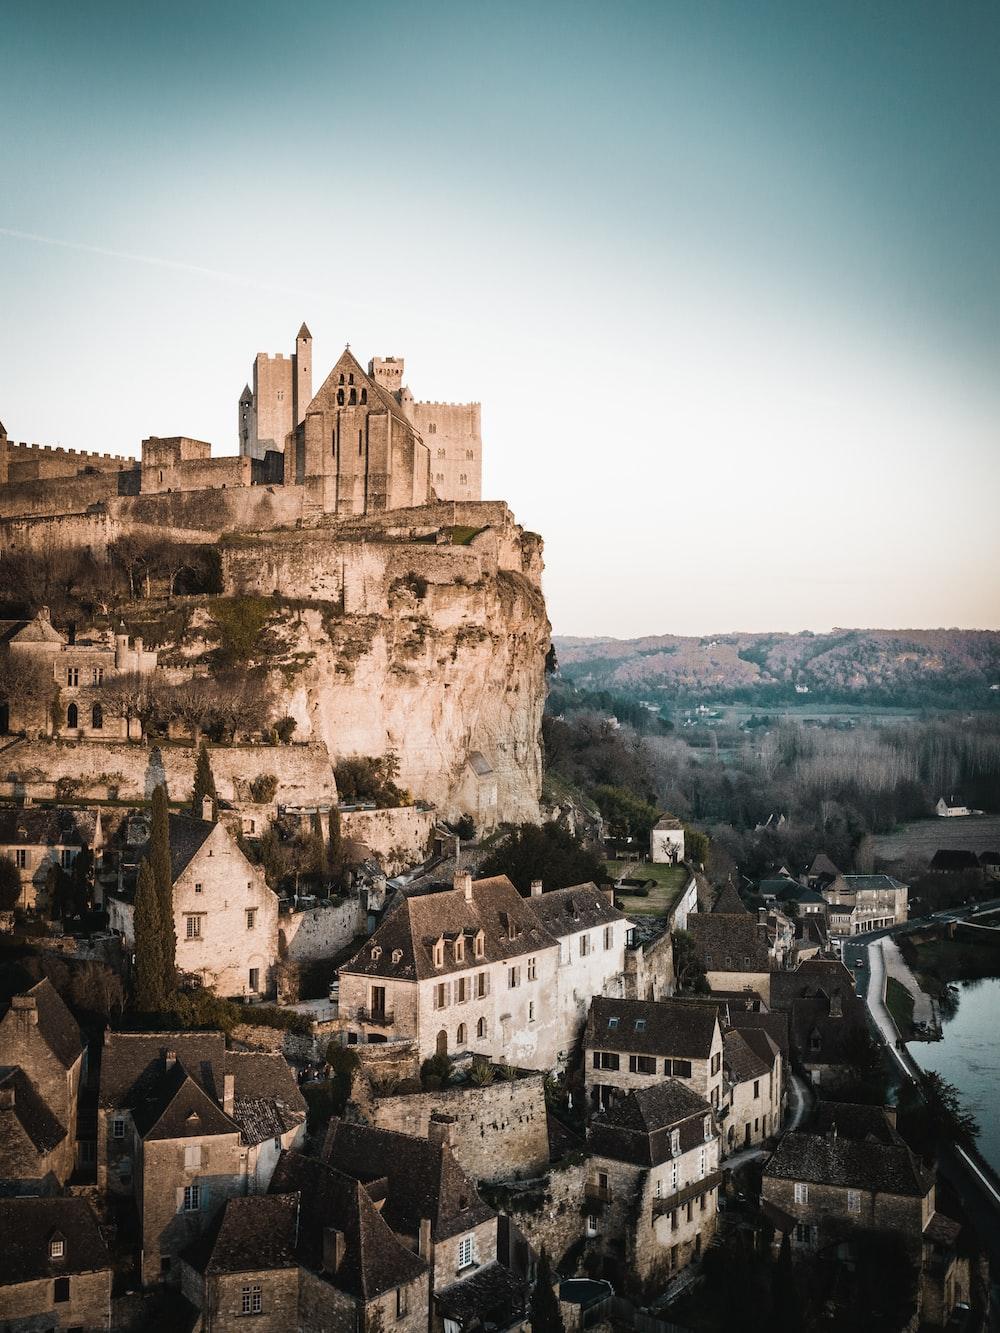 grey castle on rock mountain